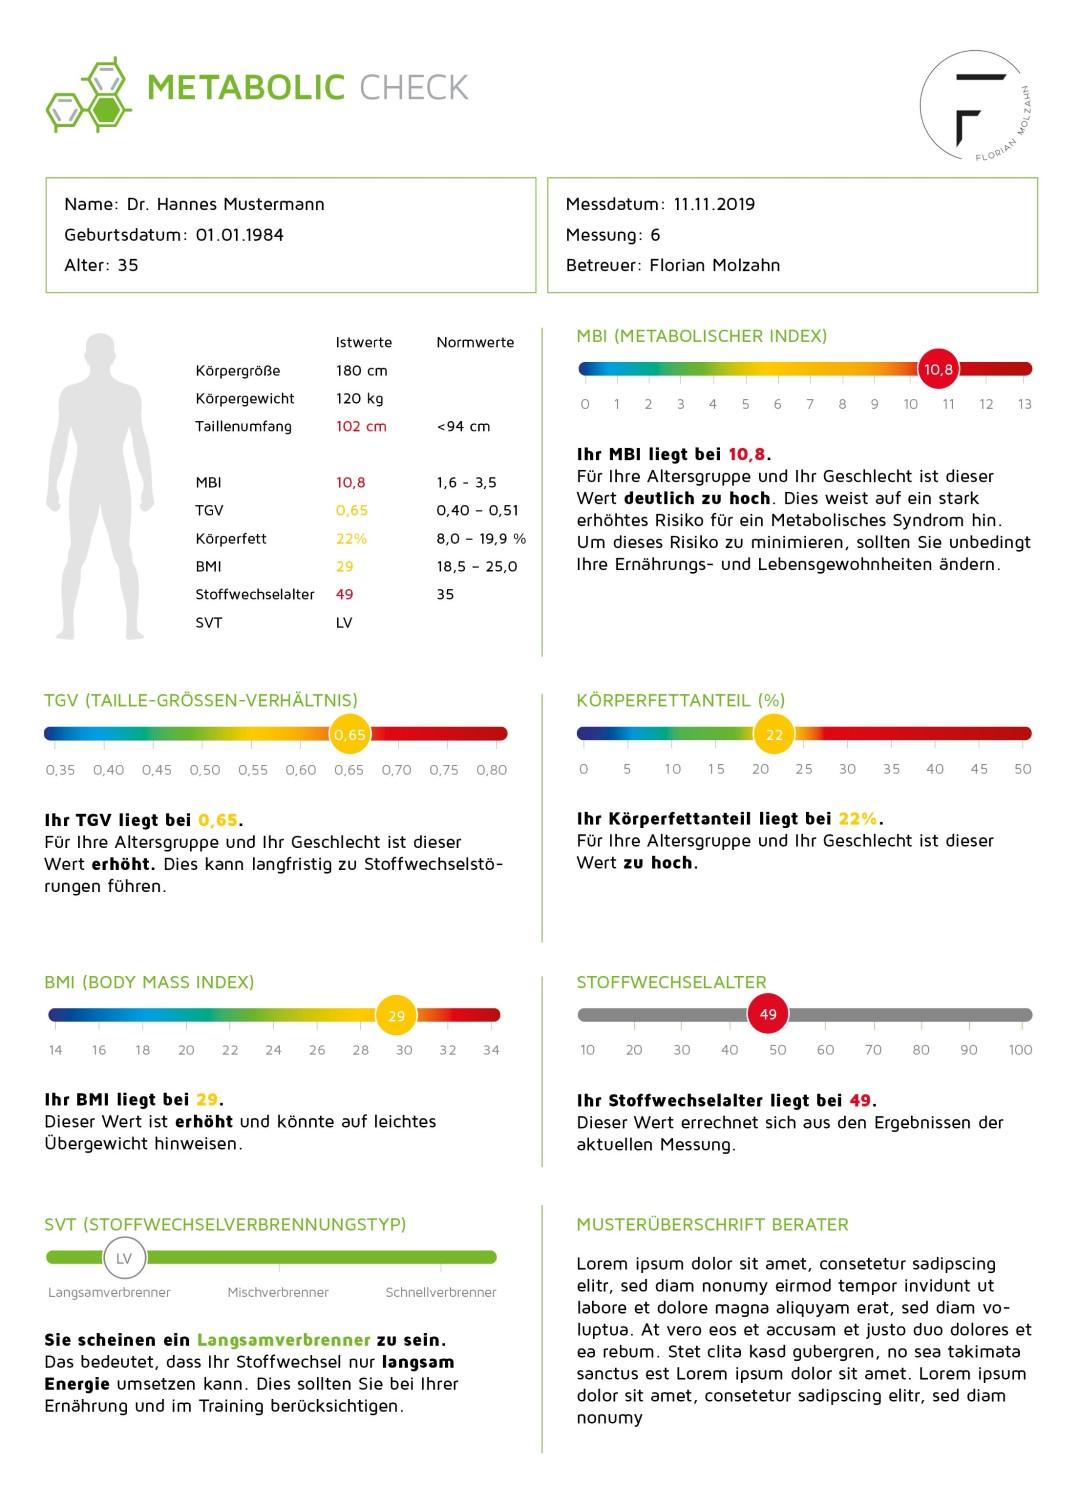 florianxmolzahn stoffwechselanalyse metabolicxcheck beispiel klein